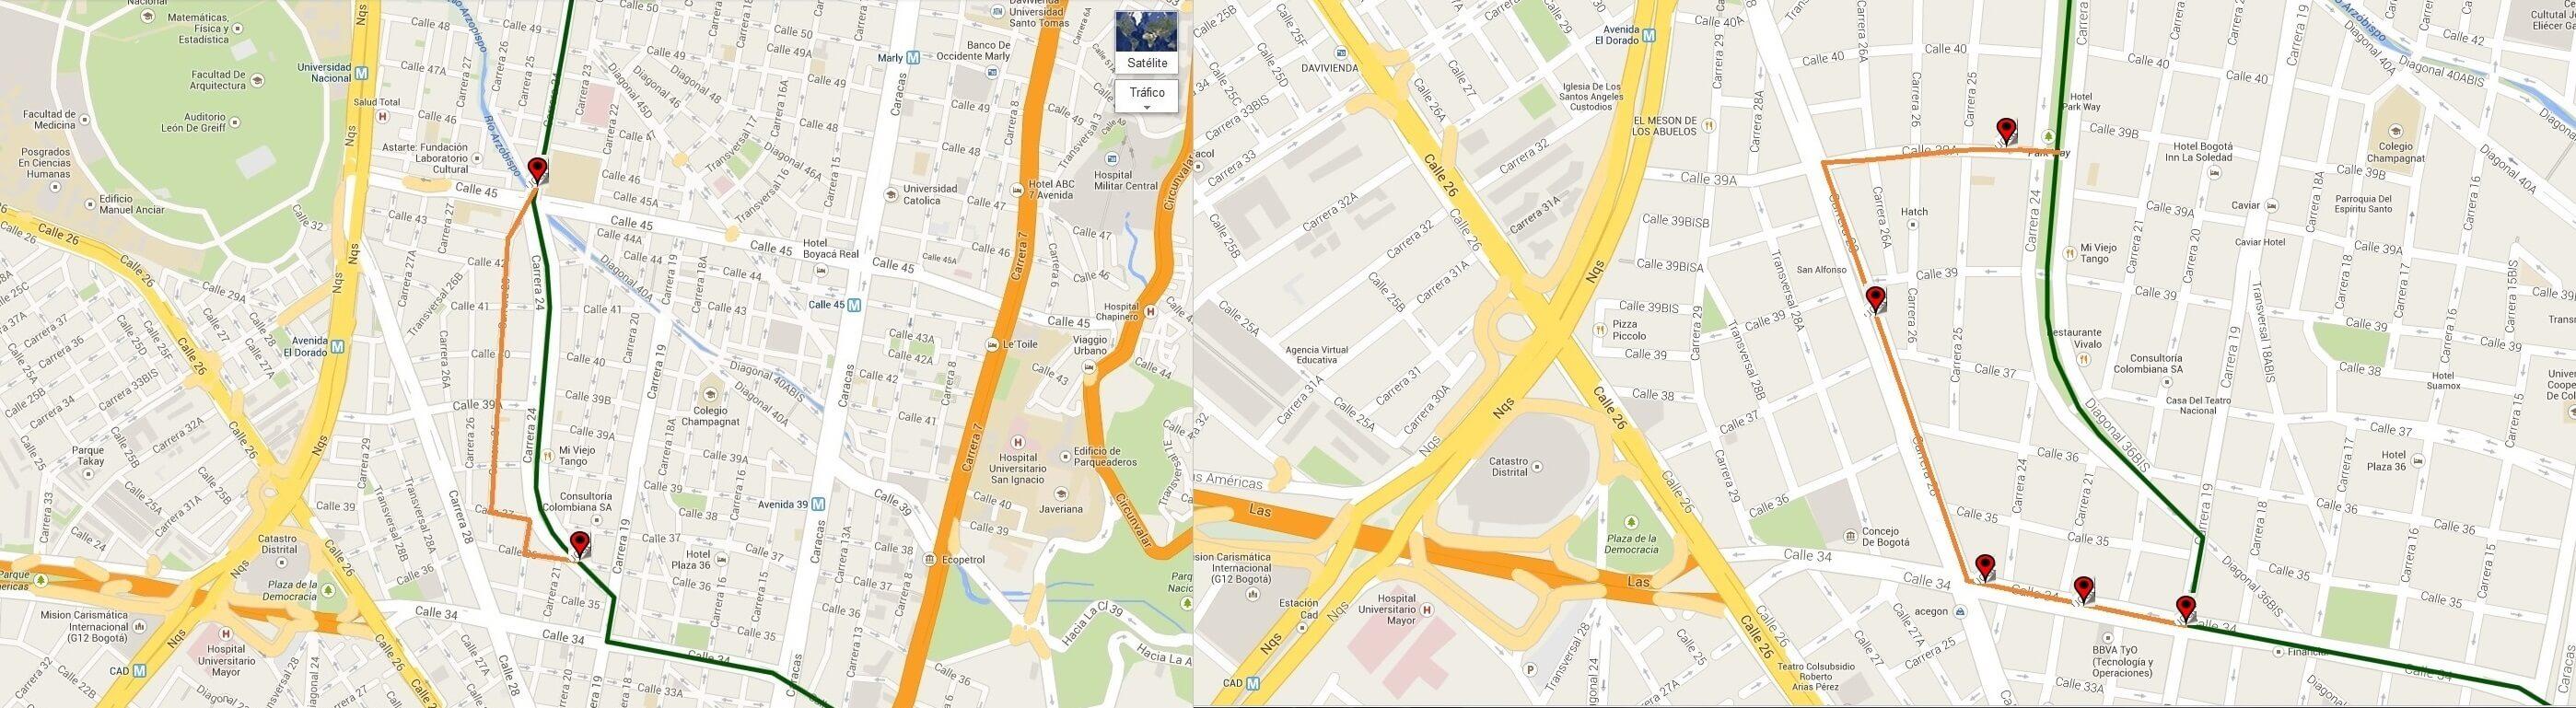 Ruta SITP: C41 Quirigua ↔ Teusaquillo [Urbana] 4